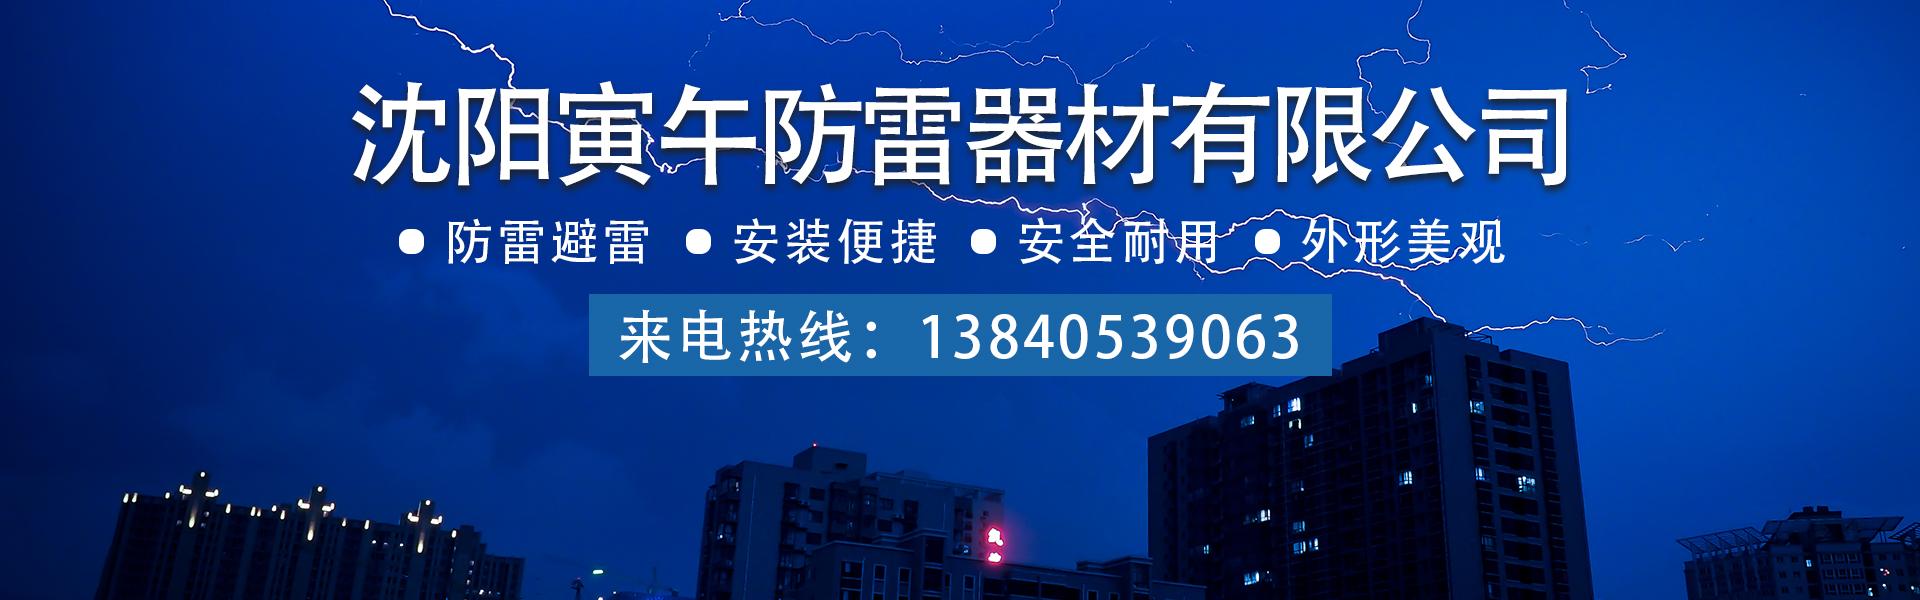 沈阳防雷工程,沈阳防雷公司,沈阳防雷施工,沈阳避雷针,沈阳防雷器材